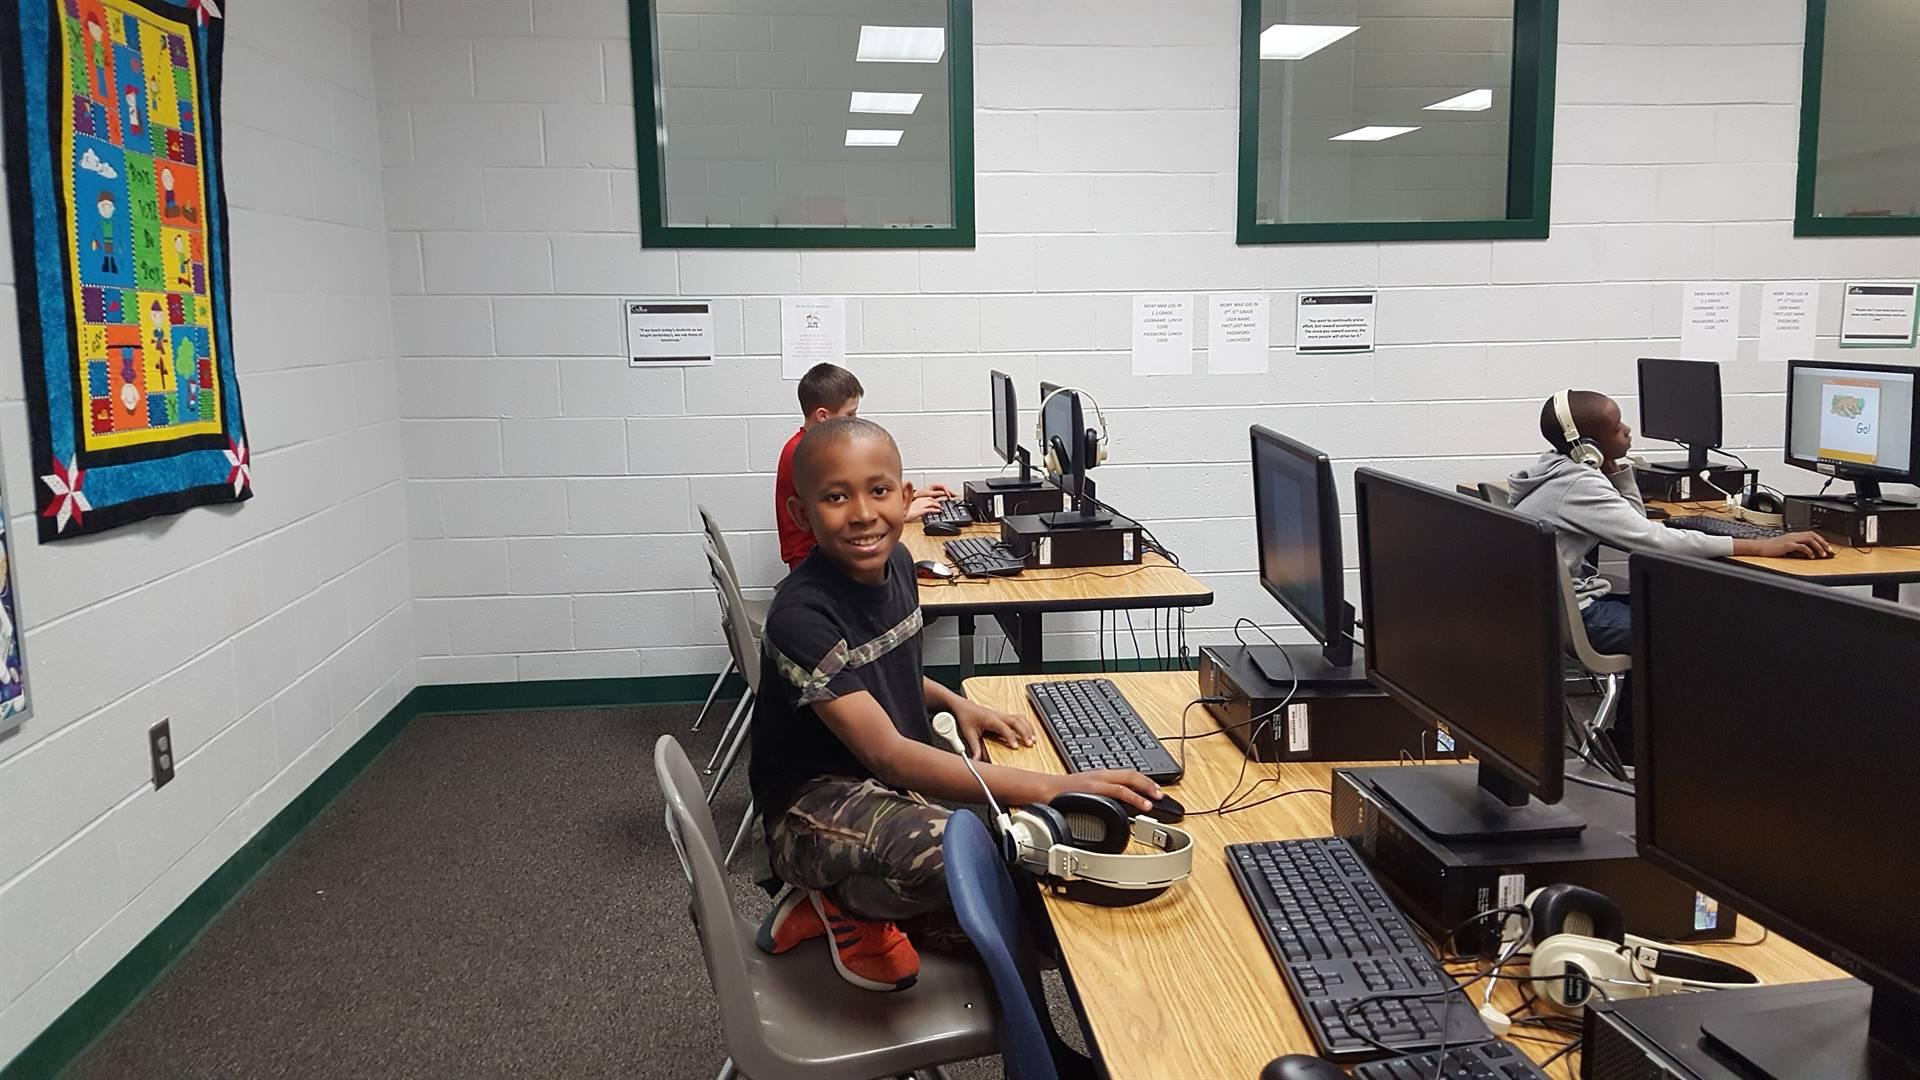 Having fun in Computer lab